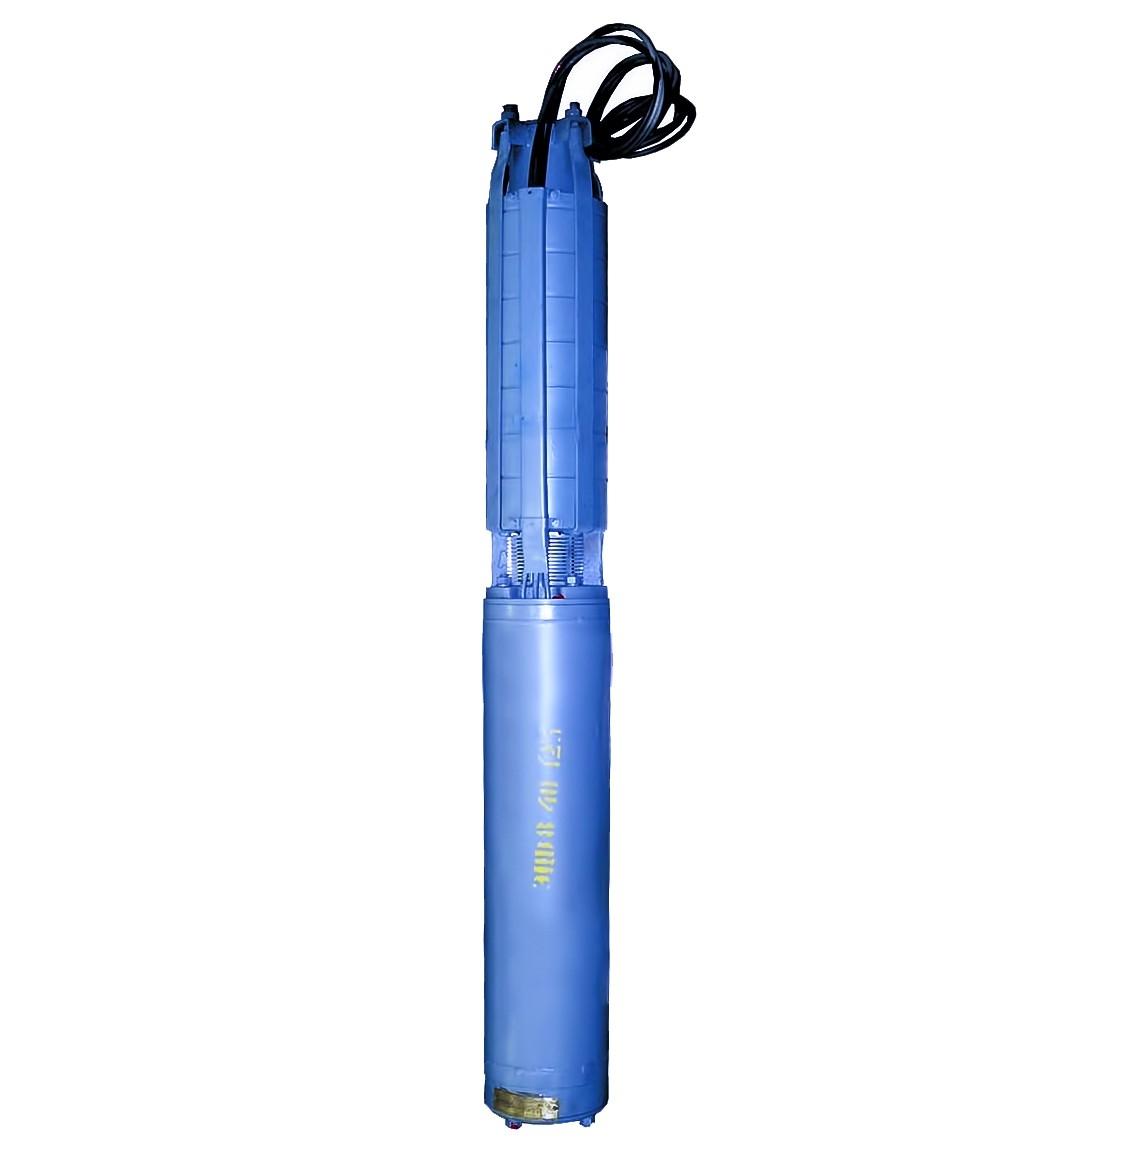 Погружной насос ЭЦВ 4-2,5-200 армлен